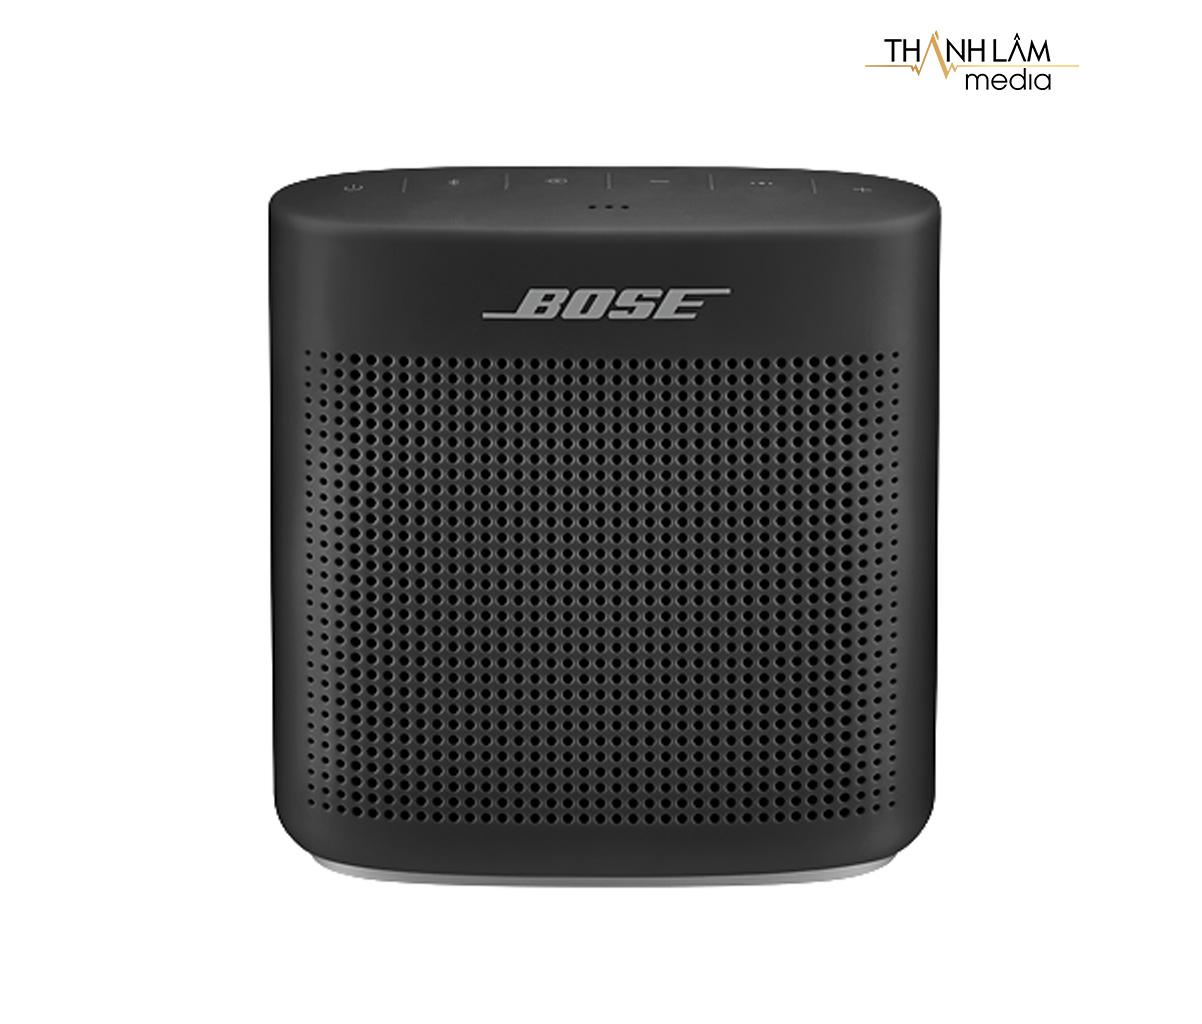 Loa-Bose-SoundLink-Color-2-Den-2